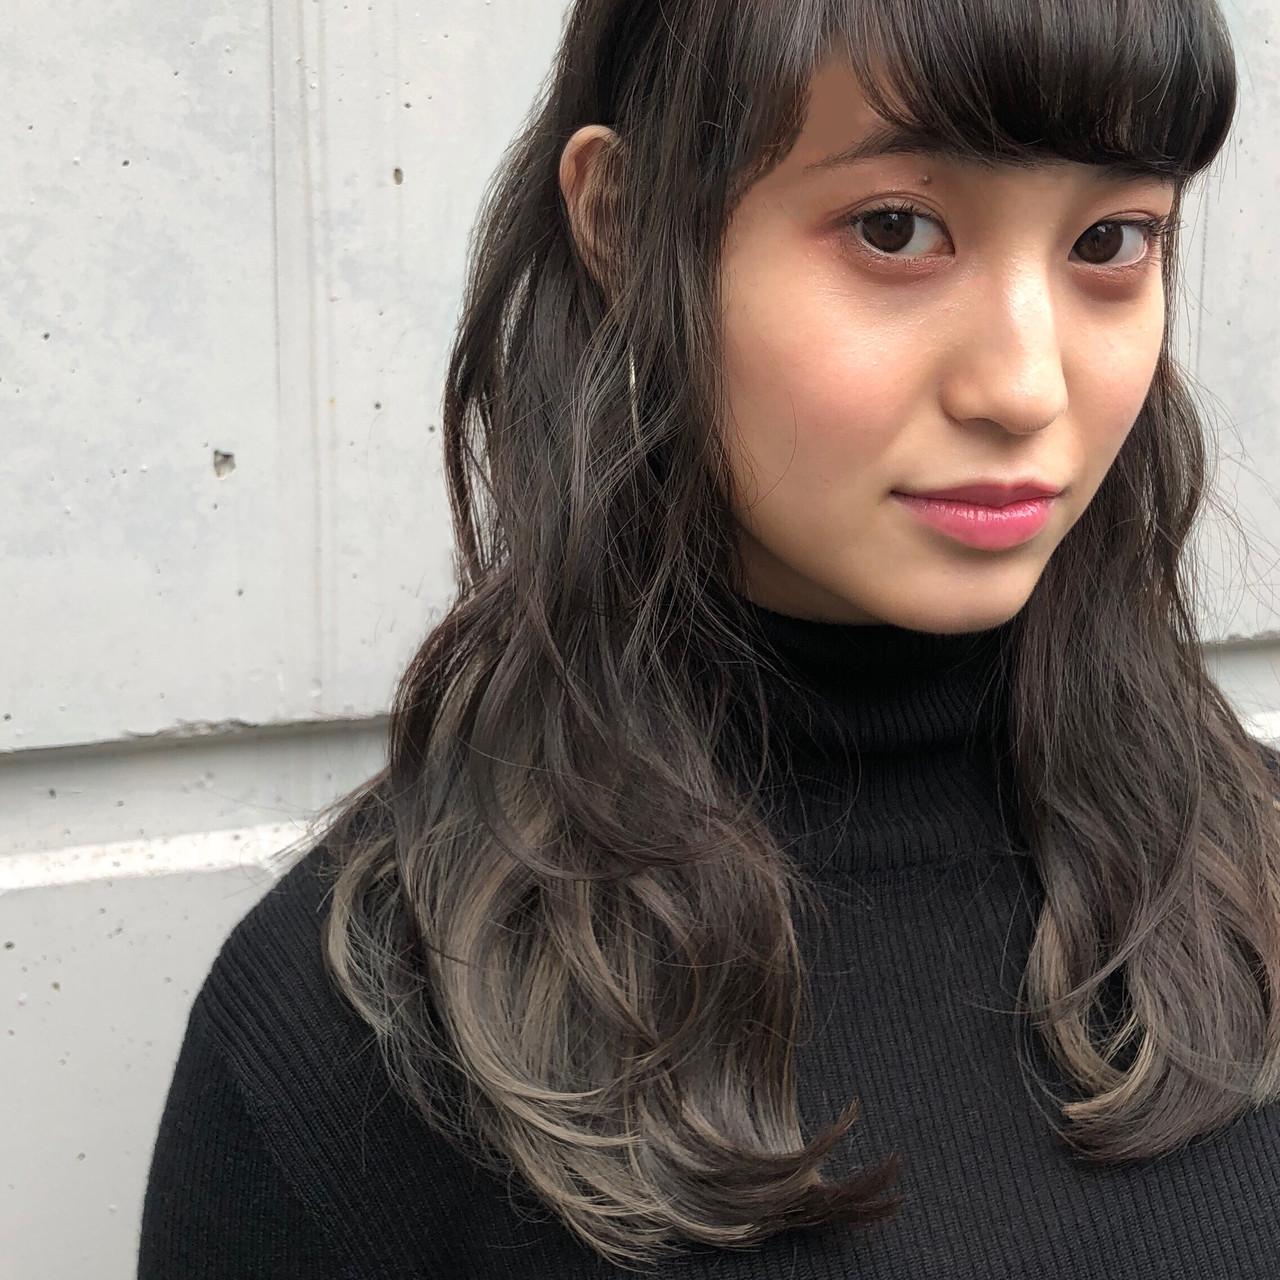 ナチュラル パーマ 透明感 流し前髪 ヘアスタイルや髪型の写真・画像   金崎 瑚能美 / TONI&GUY